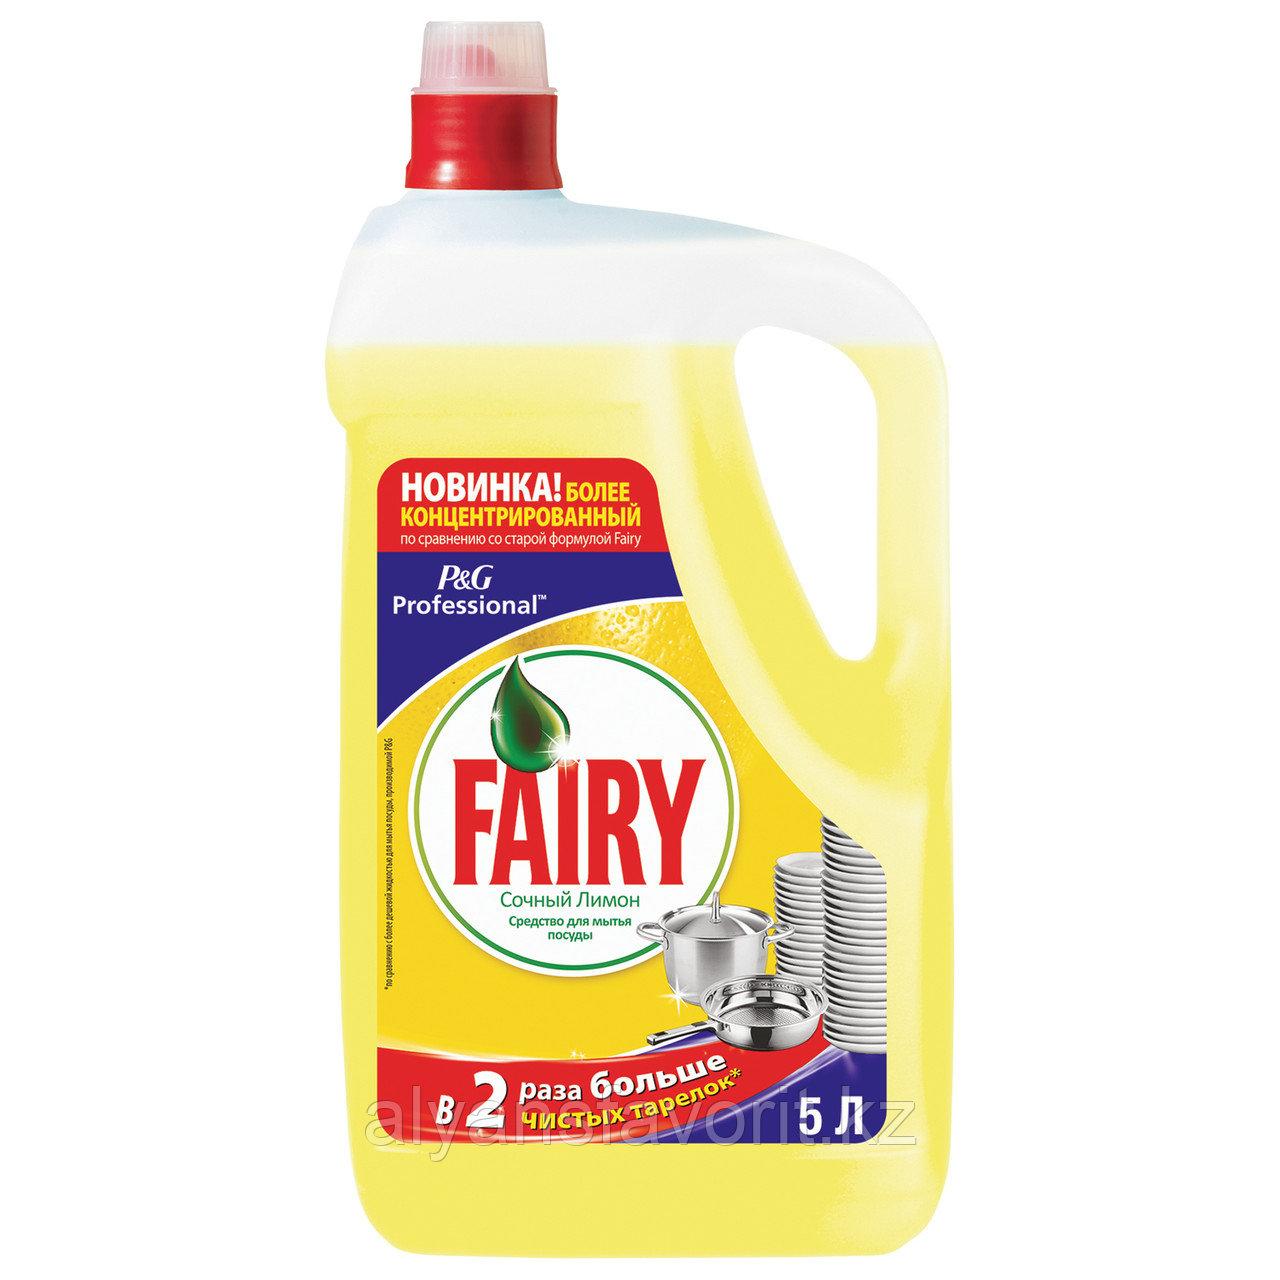 Fairy - средство для мытья посуды.5 литров